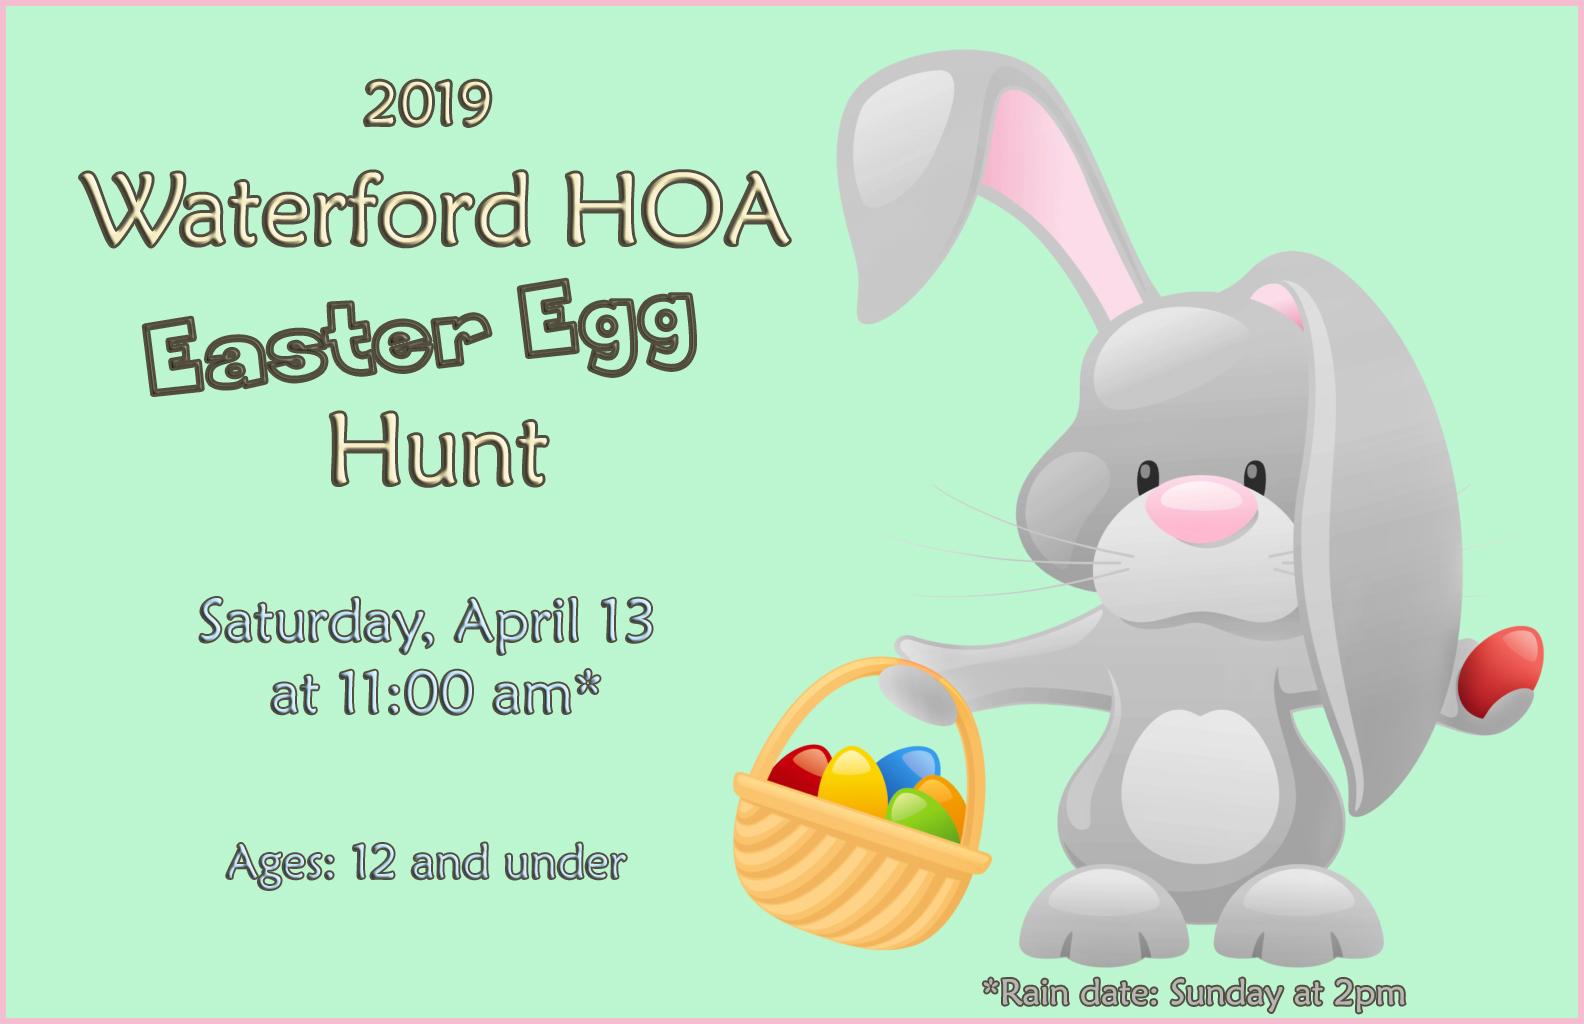 2019 Easter Egg hunt on April 13, 2019